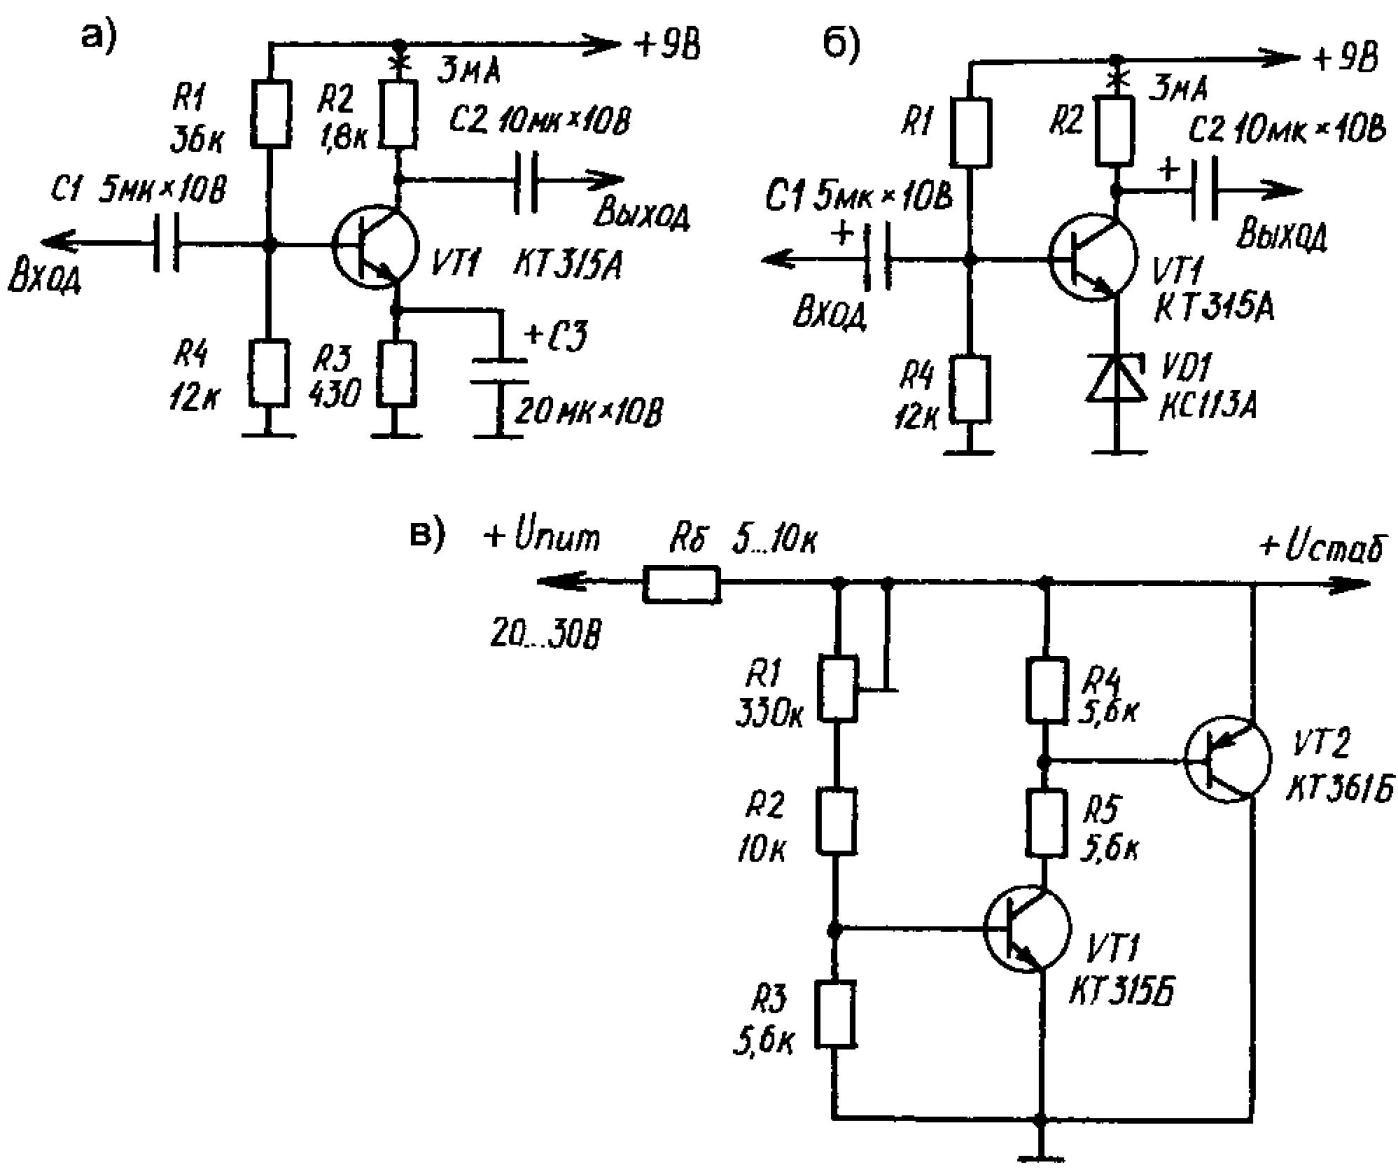 Типовая схема эмиттерной стабилизации транзисторного каскада (а), замена RC элементов в ней стабилитроном (б), а также нестандартный прием построения регулируемого аналога (в) на двух полупроводниковых триодах, позволяющего устанавливать переменным резистором Uст в пределах 3— 20 В при Iст порядка 5 мА